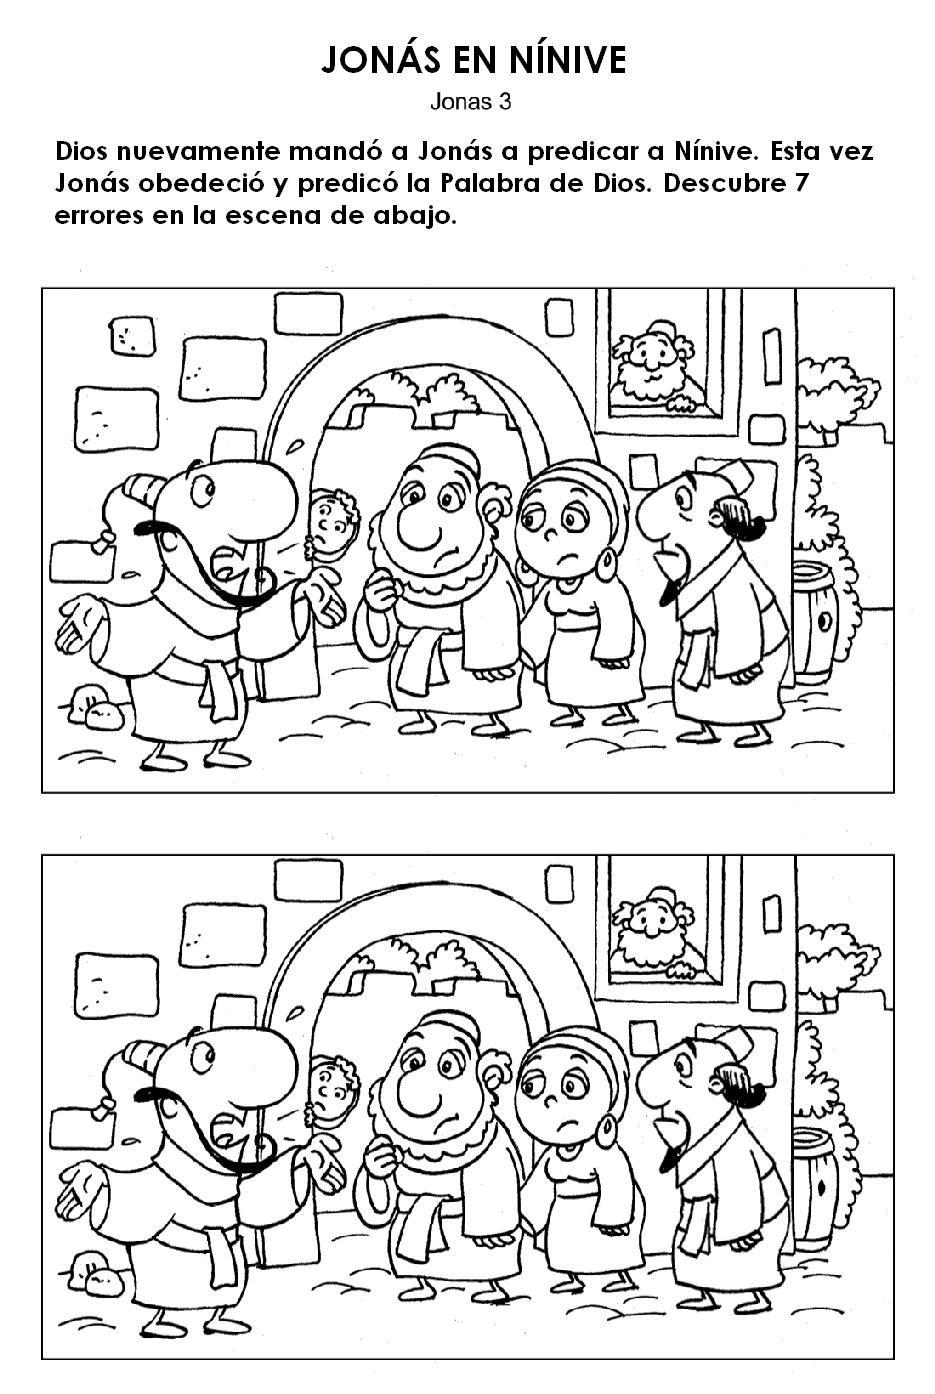 actividades para trabajar la historia del libro de jonás gio na in